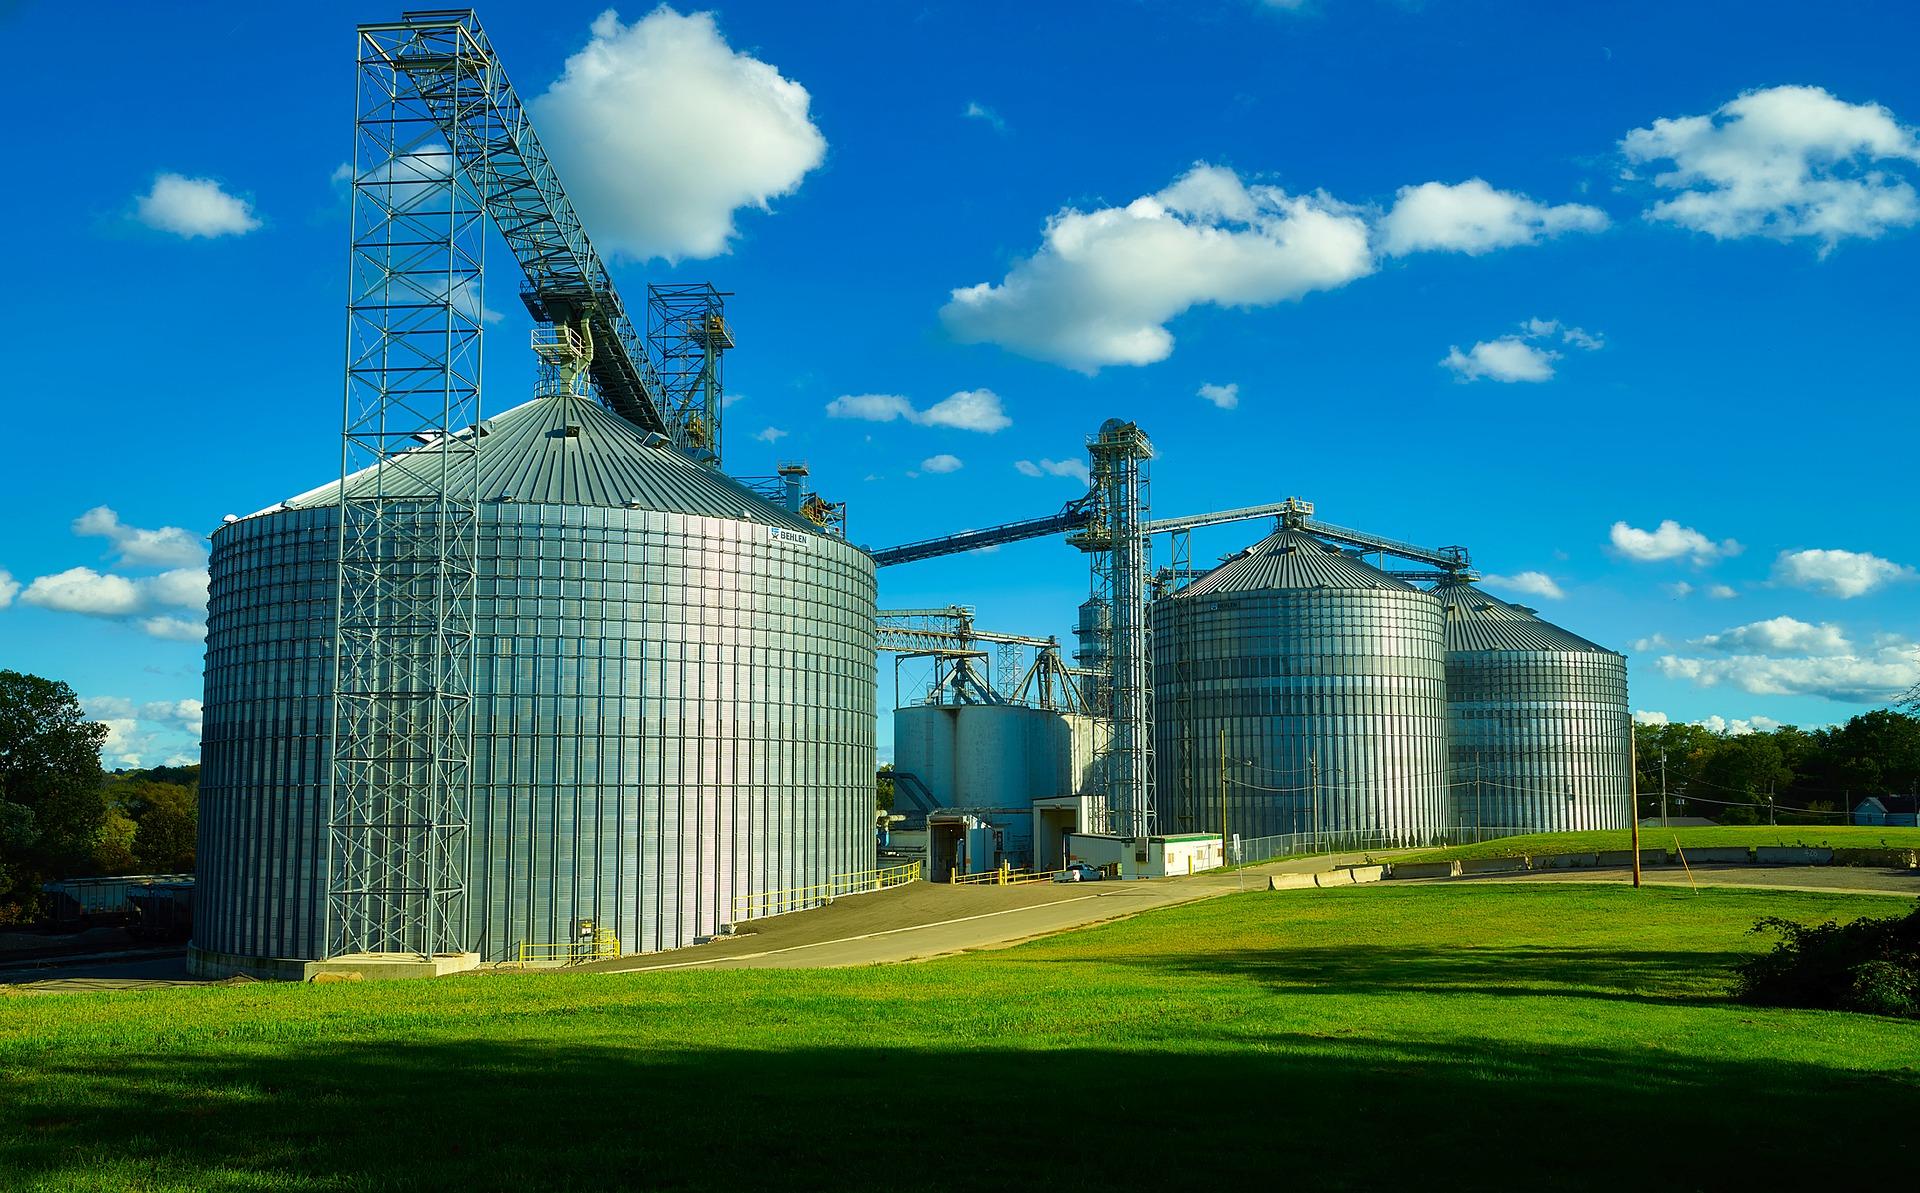 Гайчурский элеватор прометей цена пшеницы продаже фольксваген транспортер